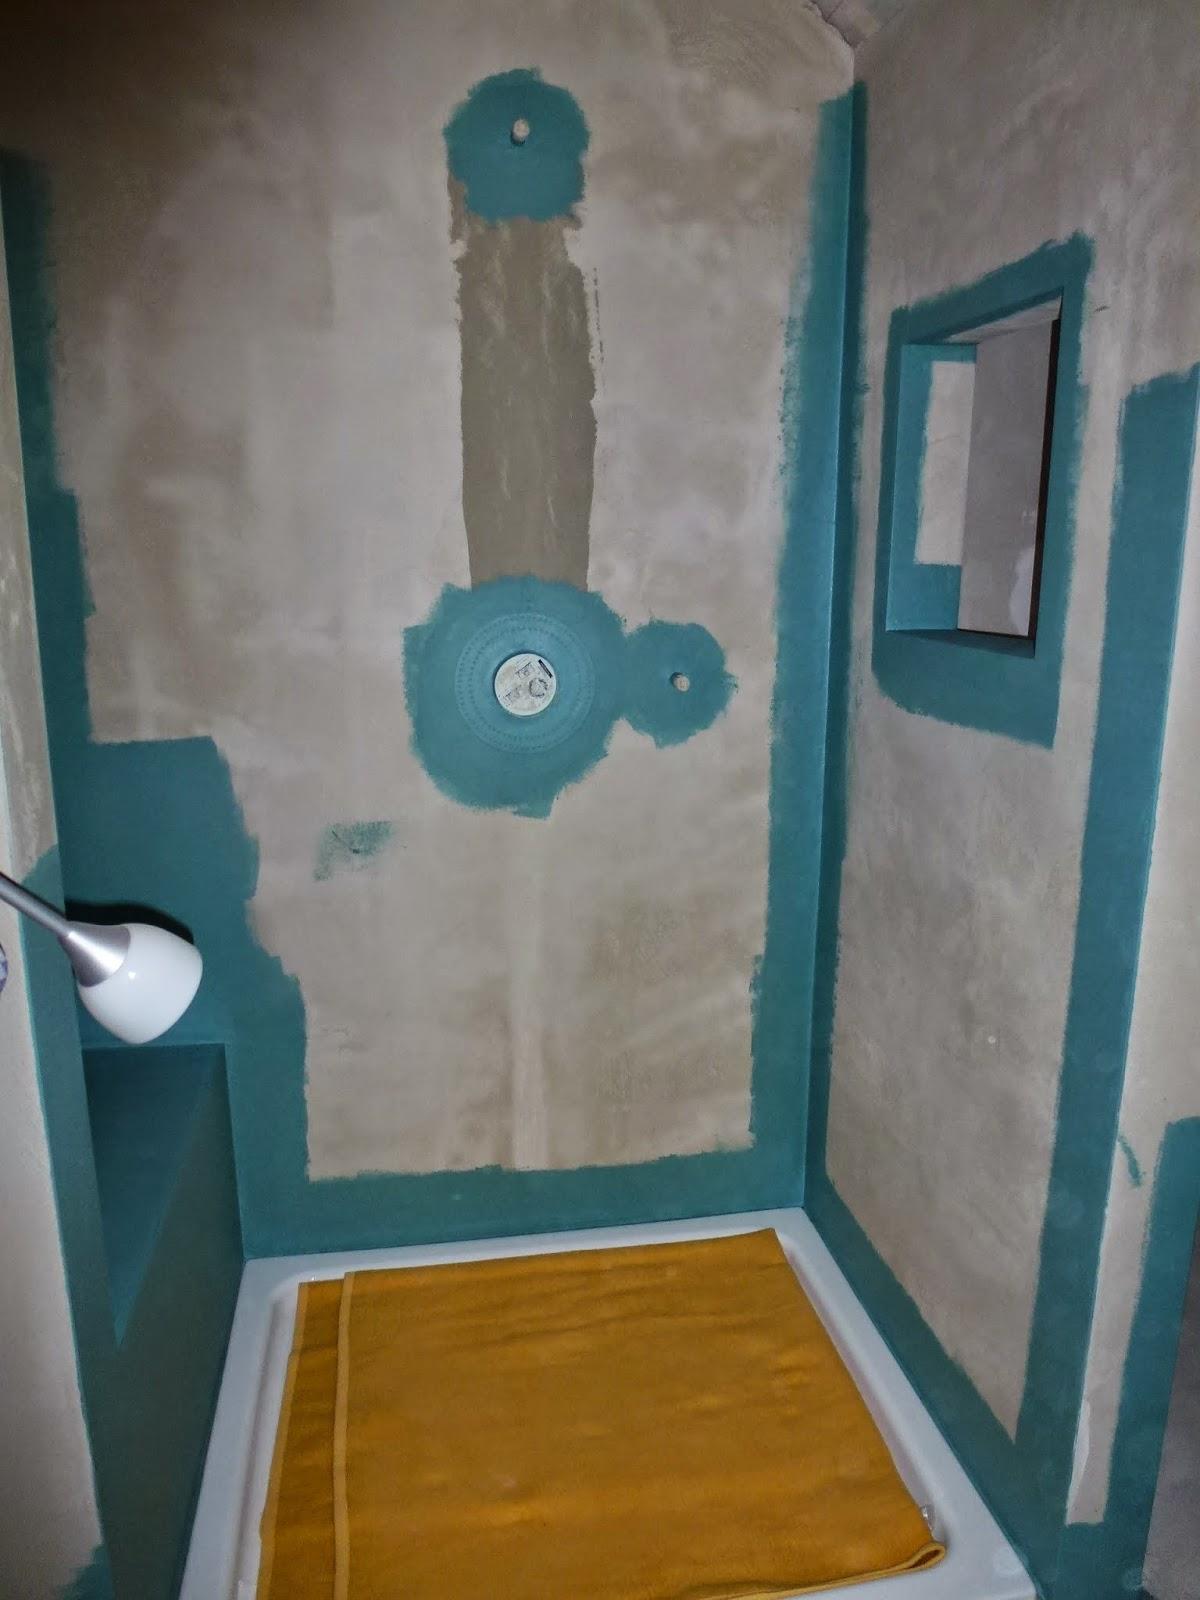 Unser luftschloss dezember 2014 - Dichtanstrich badezimmer ...